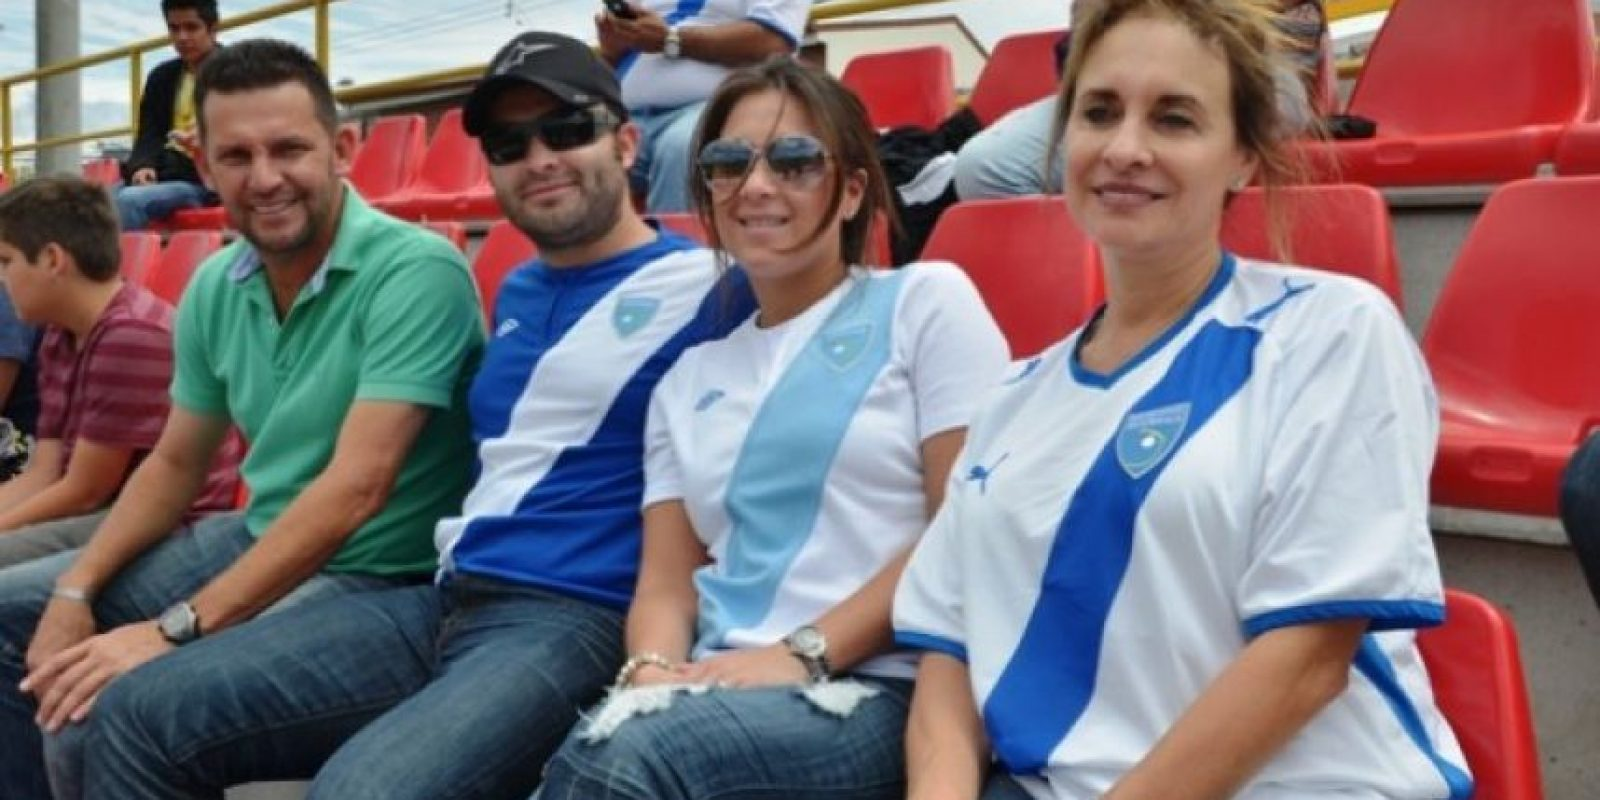 Javier Delgado, extécnico rojo (de verde) aparece con Luis Morales, Melissa de Morales y Flory de Morales, familiares del técnico de la Selección de Guatemala. Foto:Mynor Arita